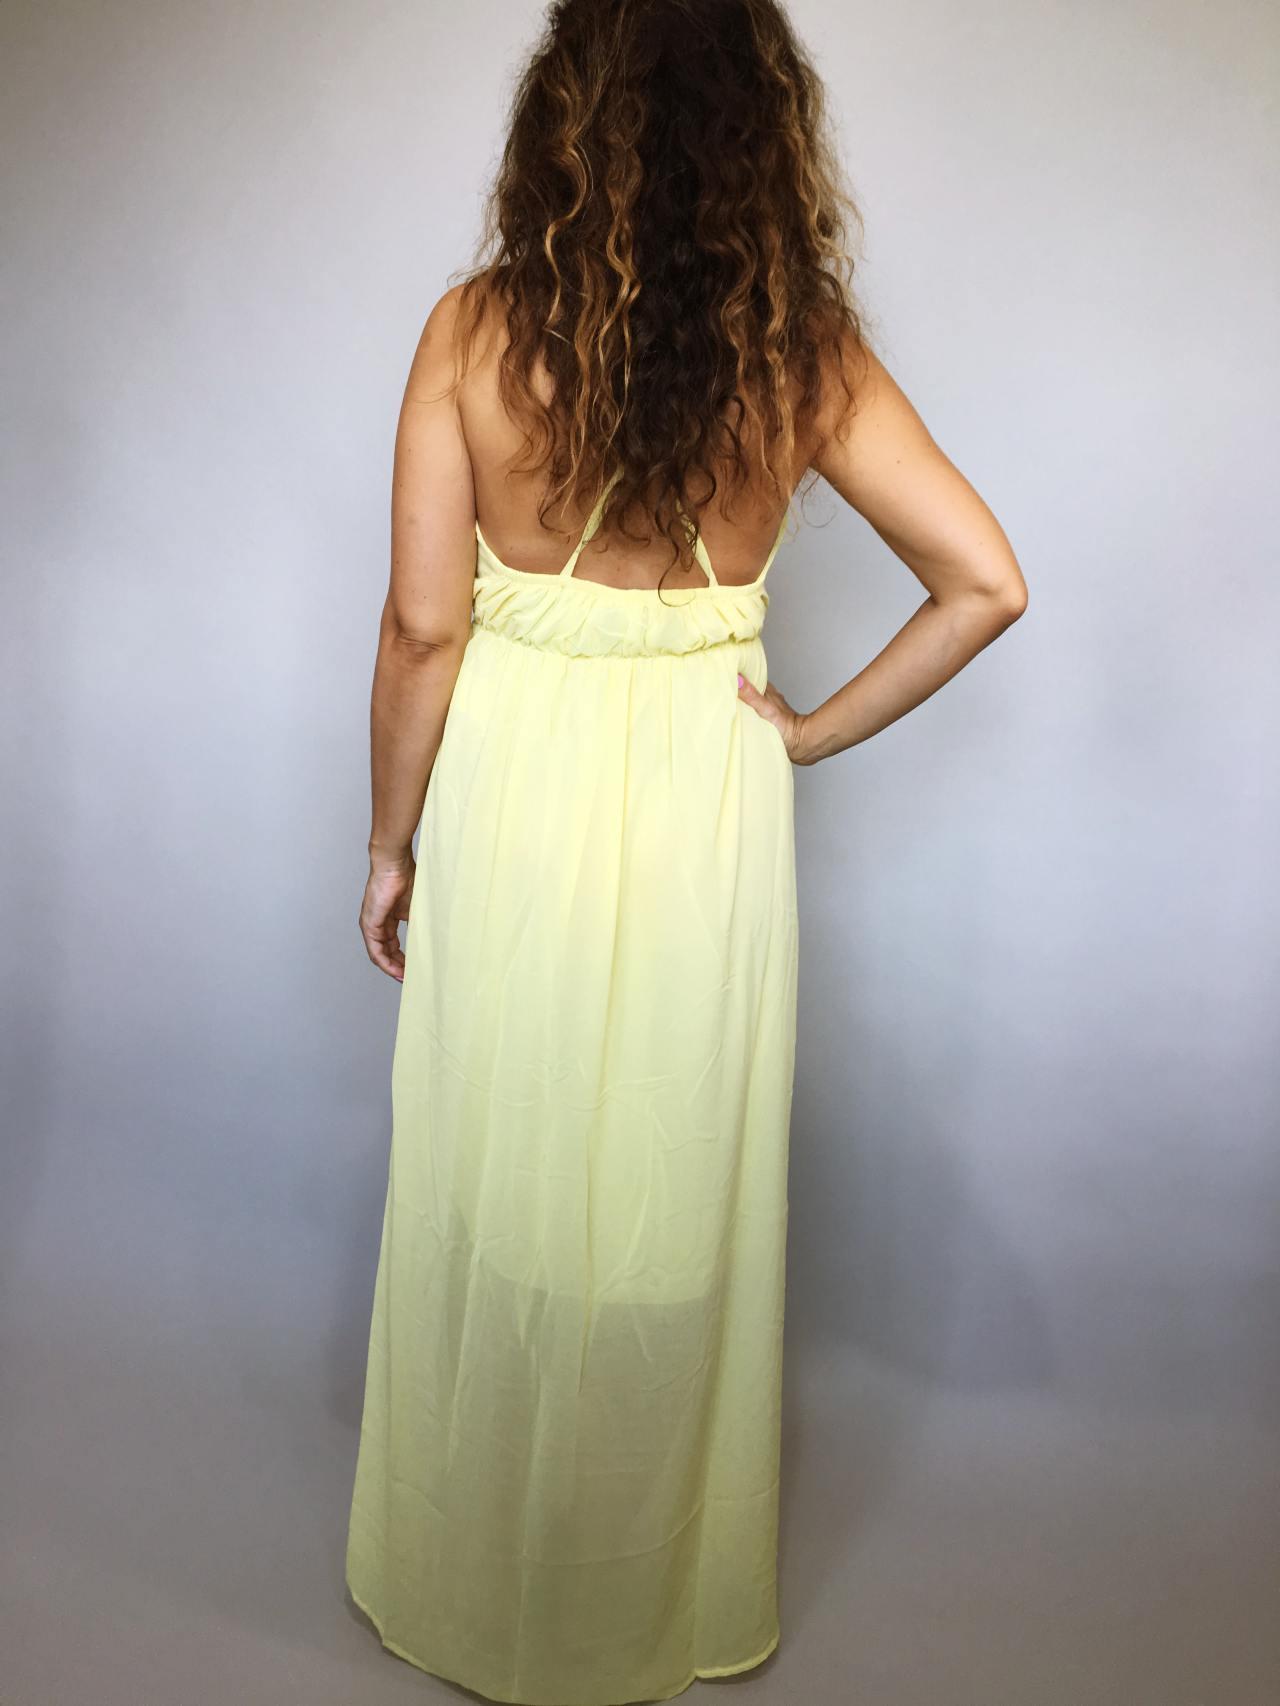 Šaty Sunny Day žluté 05